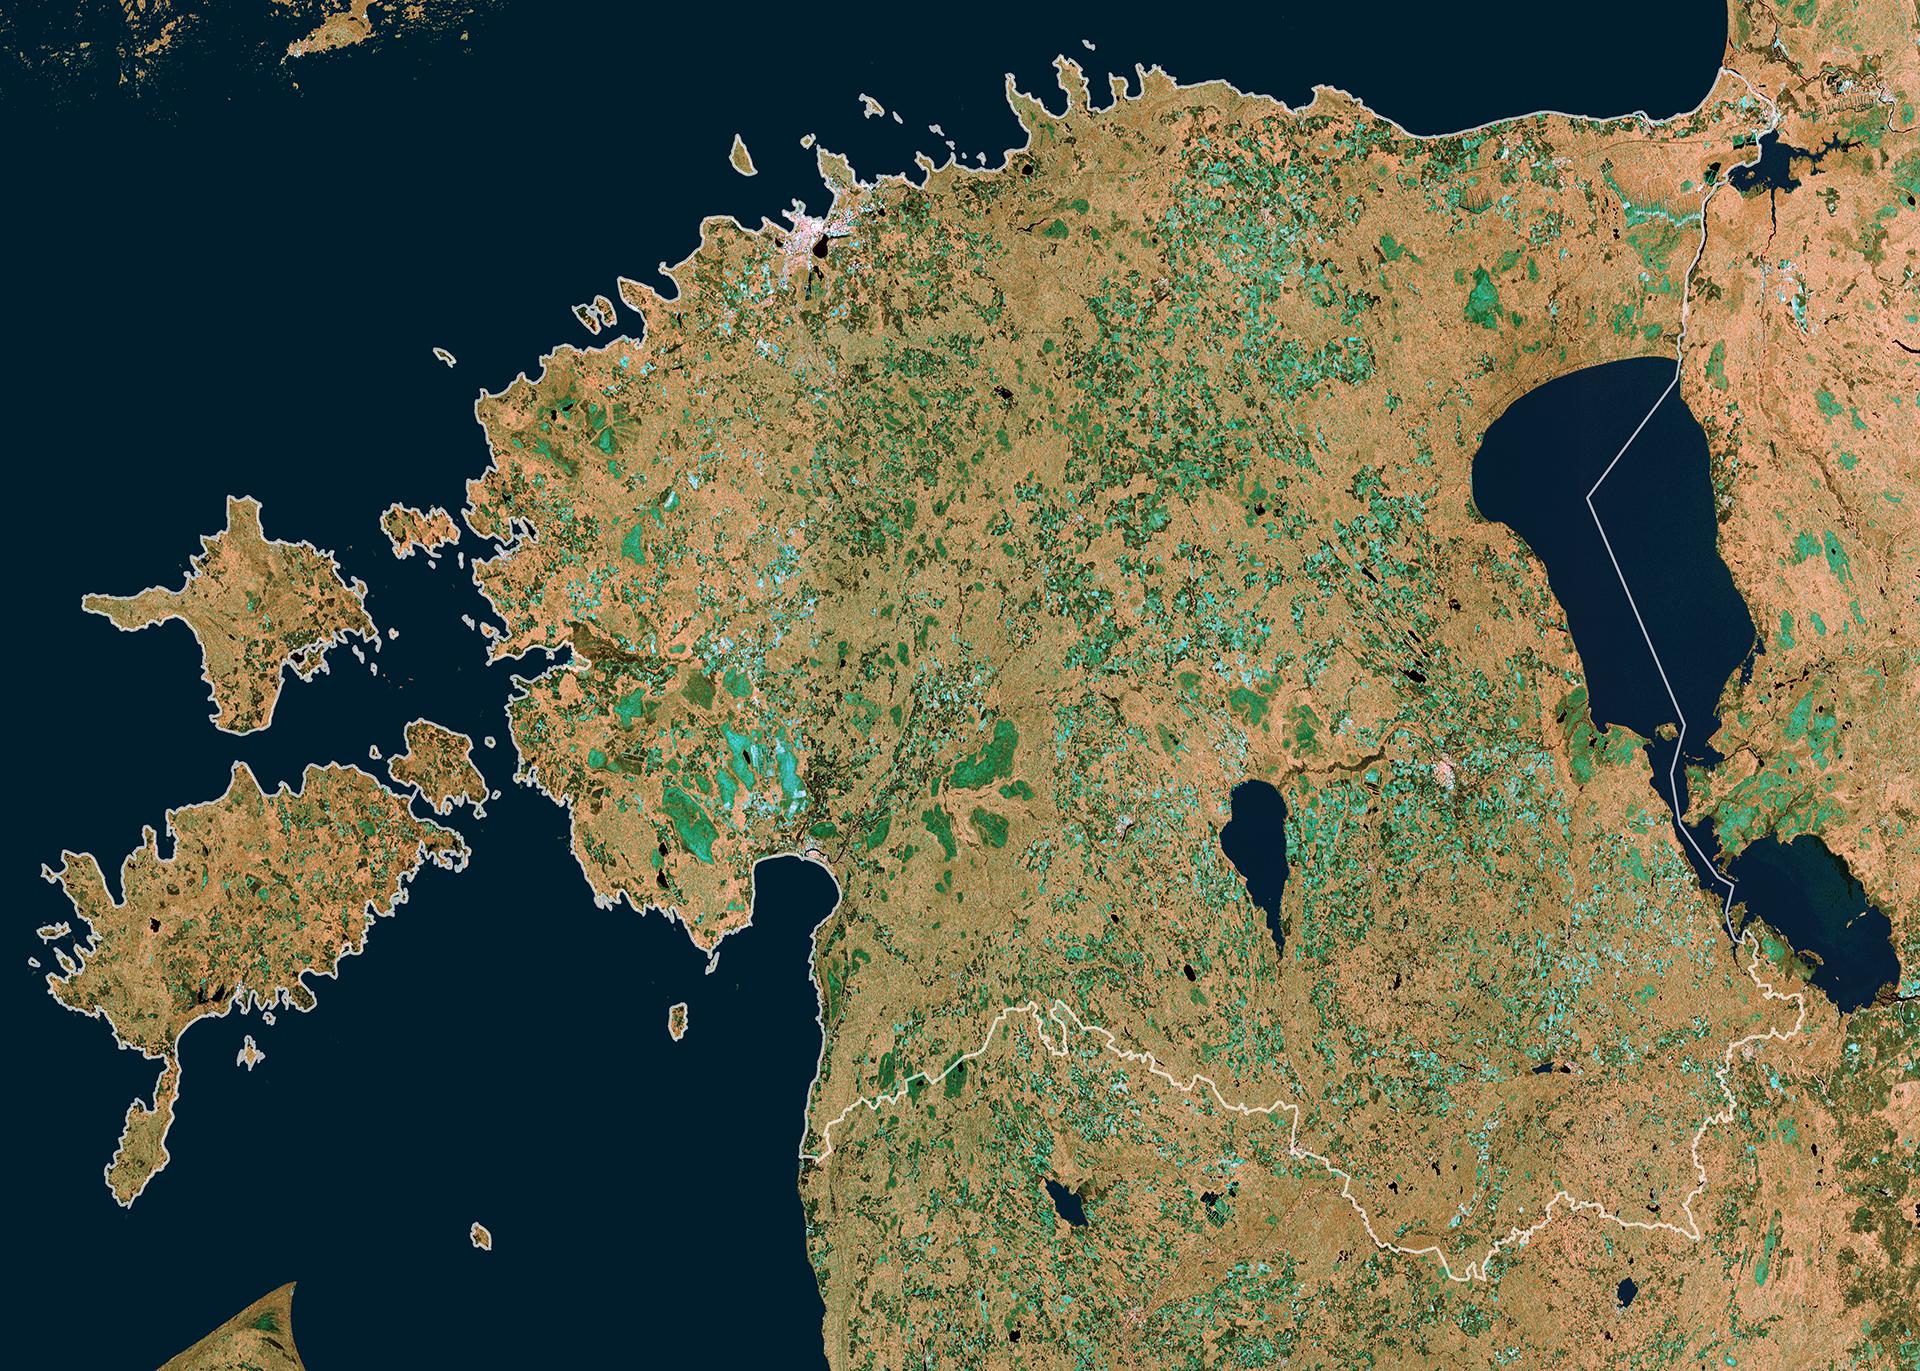 Space In Images Estonia - Estonia map download